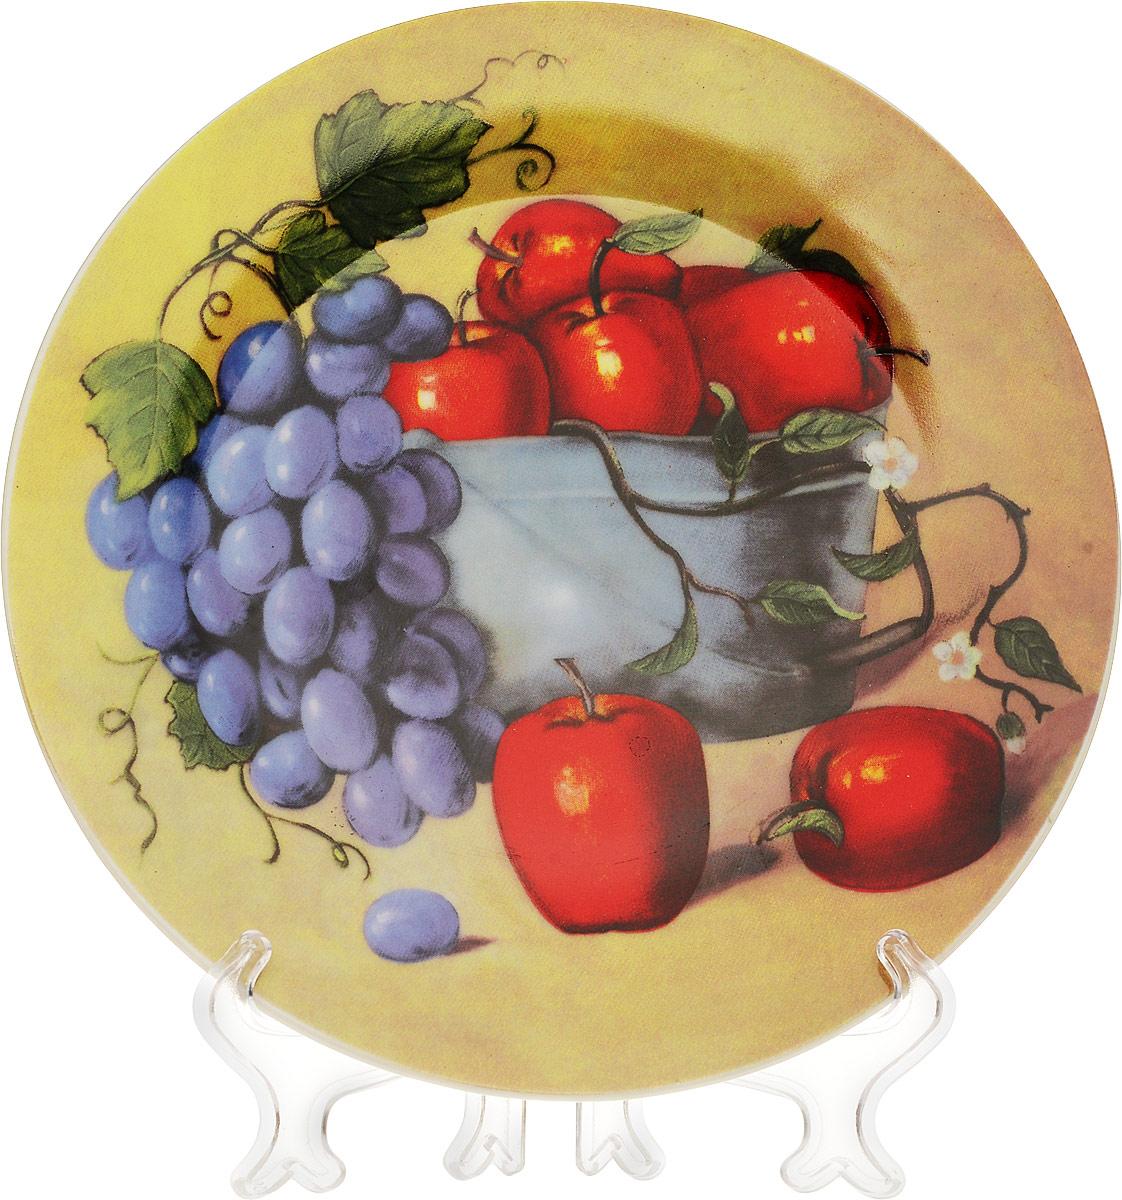 Тарелка декоративная Натюрморт с яблоками, диаметр 18 см54 009312Декоративная тарелка Натюрморт с яблоками станет достойным украшением вашего интерьера. Сувенирная тарелка выполнена из фарфора, декорирована оригинальным красочным рисунком. В комплект с тарелкой входит пластиковая подставка. Тарелка сочетает в себе изысканный дизайн и красочность оформления, которая придется по вкусу и ценителям классики, и тем, кто предпочитает утонченность и изящность. А также такая тарелка послужит хорошим подарком, для людей, ценящих красивые и оригинальные вещи. Характеристики:Материал:фарфор. Диаметр тарелки: 18 см. Размер упаковки: 18 см х 18 см х 3 см. Изготовитель: Китай. Артикул: 515-477.